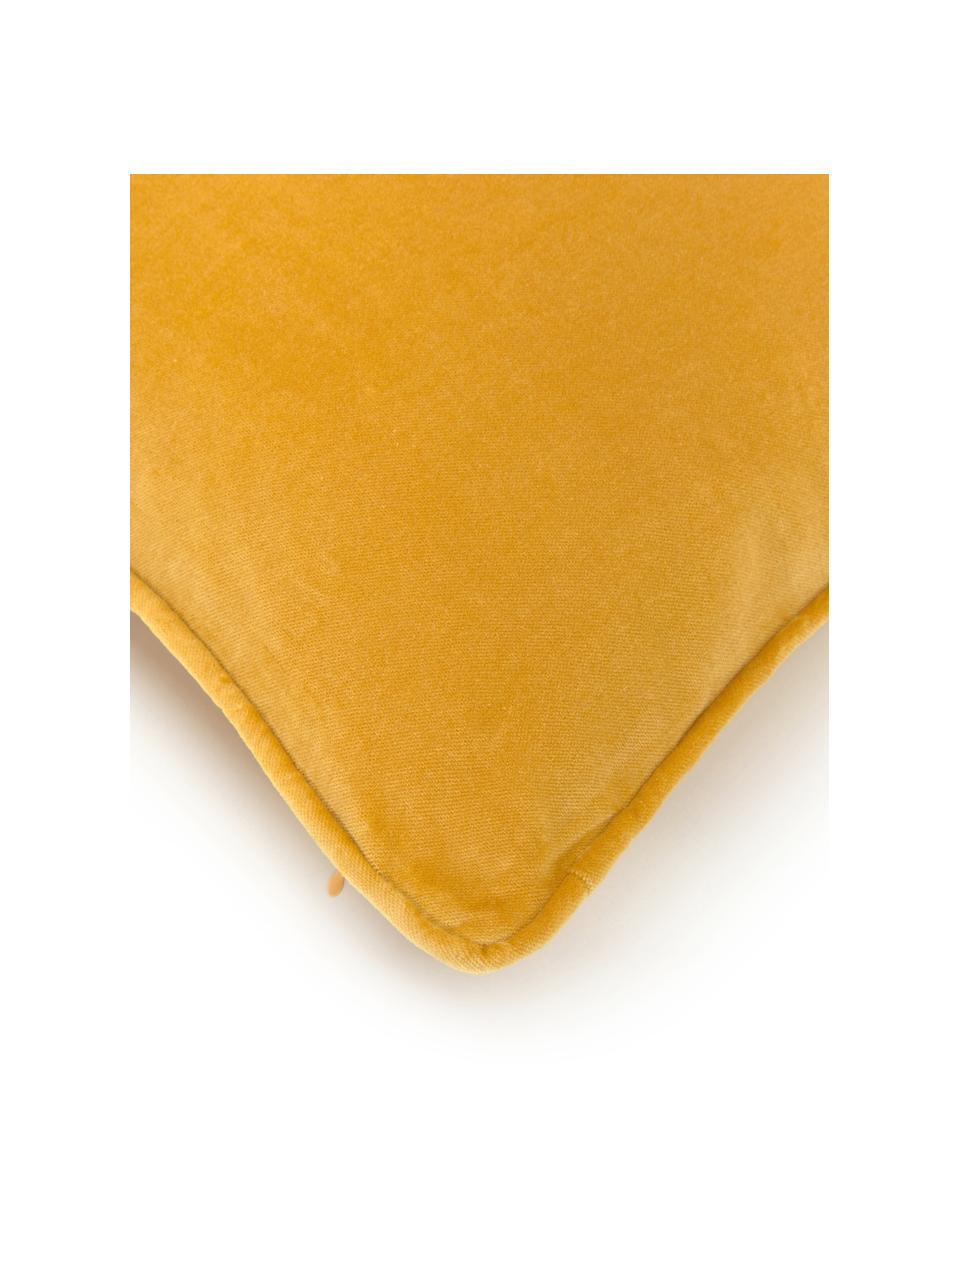 Effen fluwelen kussenhoes Dana in okergeel, 100% katoenfluweel, Okergeel, 50 x 50 cm